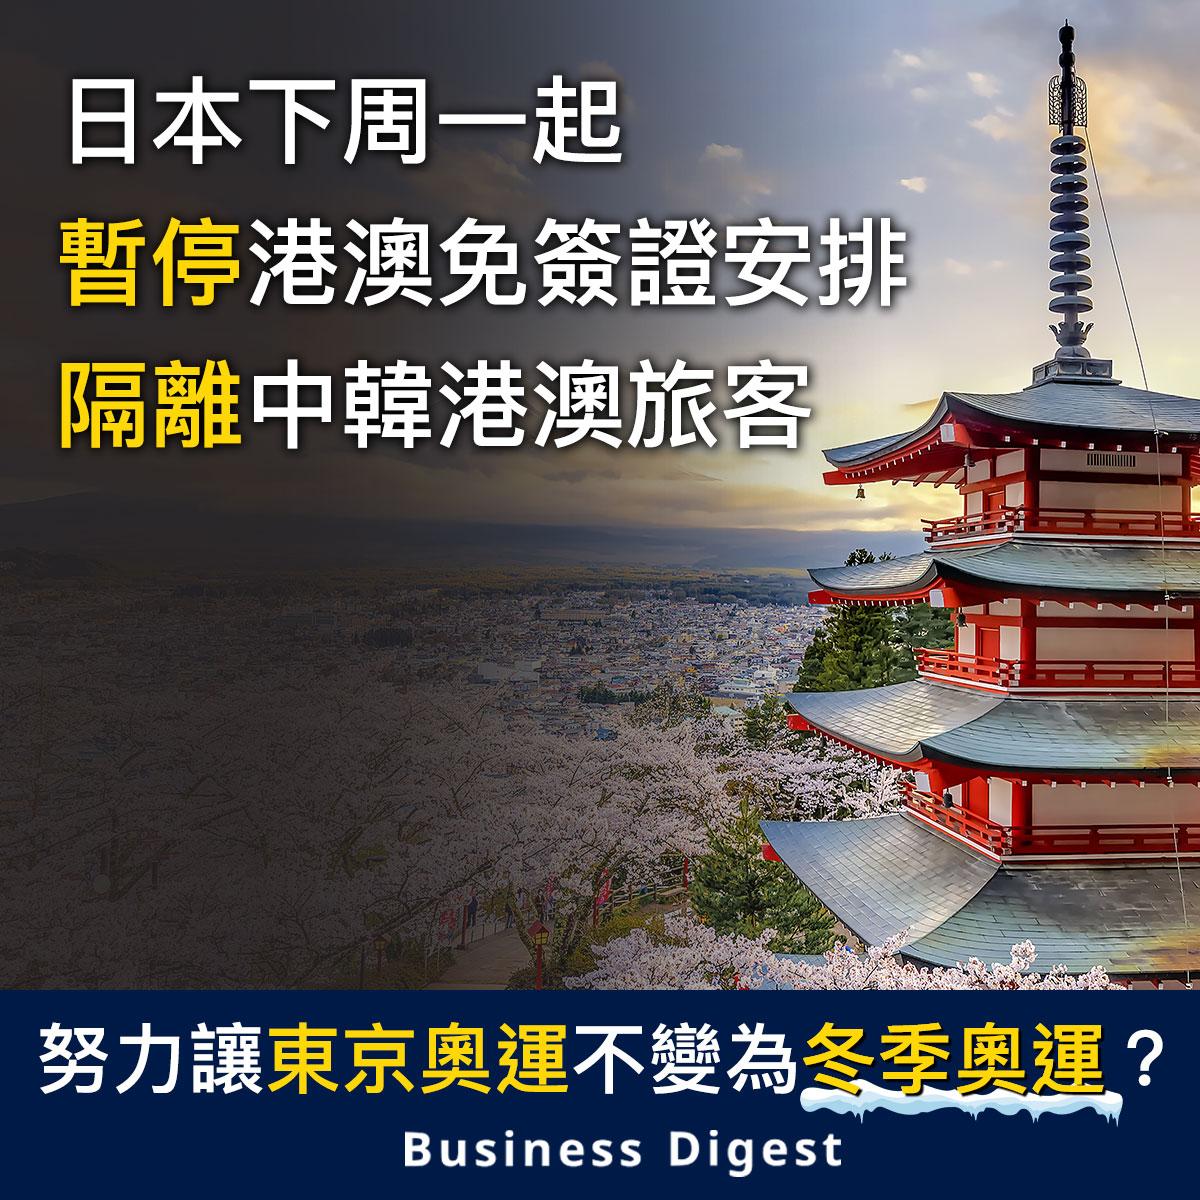 【武漢肺炎】日本下周一起暫停港澳免簽證安排,隔離中韓港澳旅客